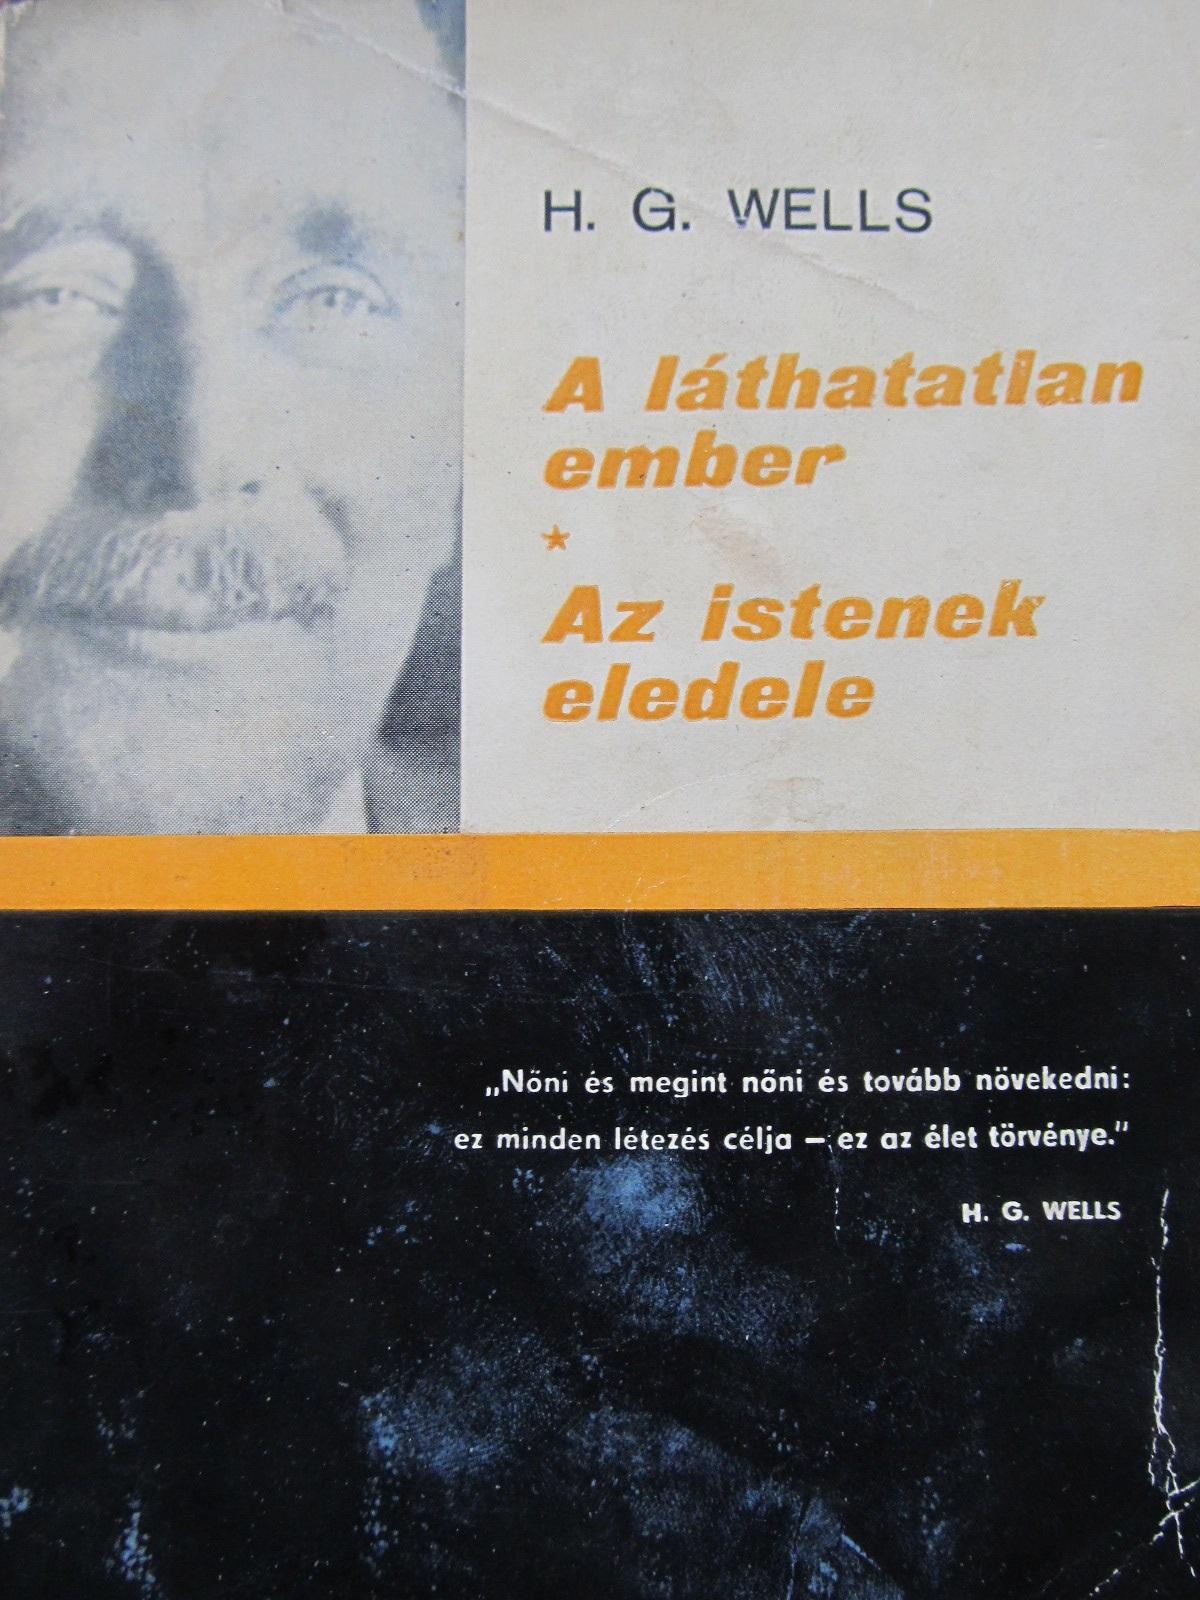 A lathatalan ember - Az istenek eledele - H. G. Wells | Detalii carte